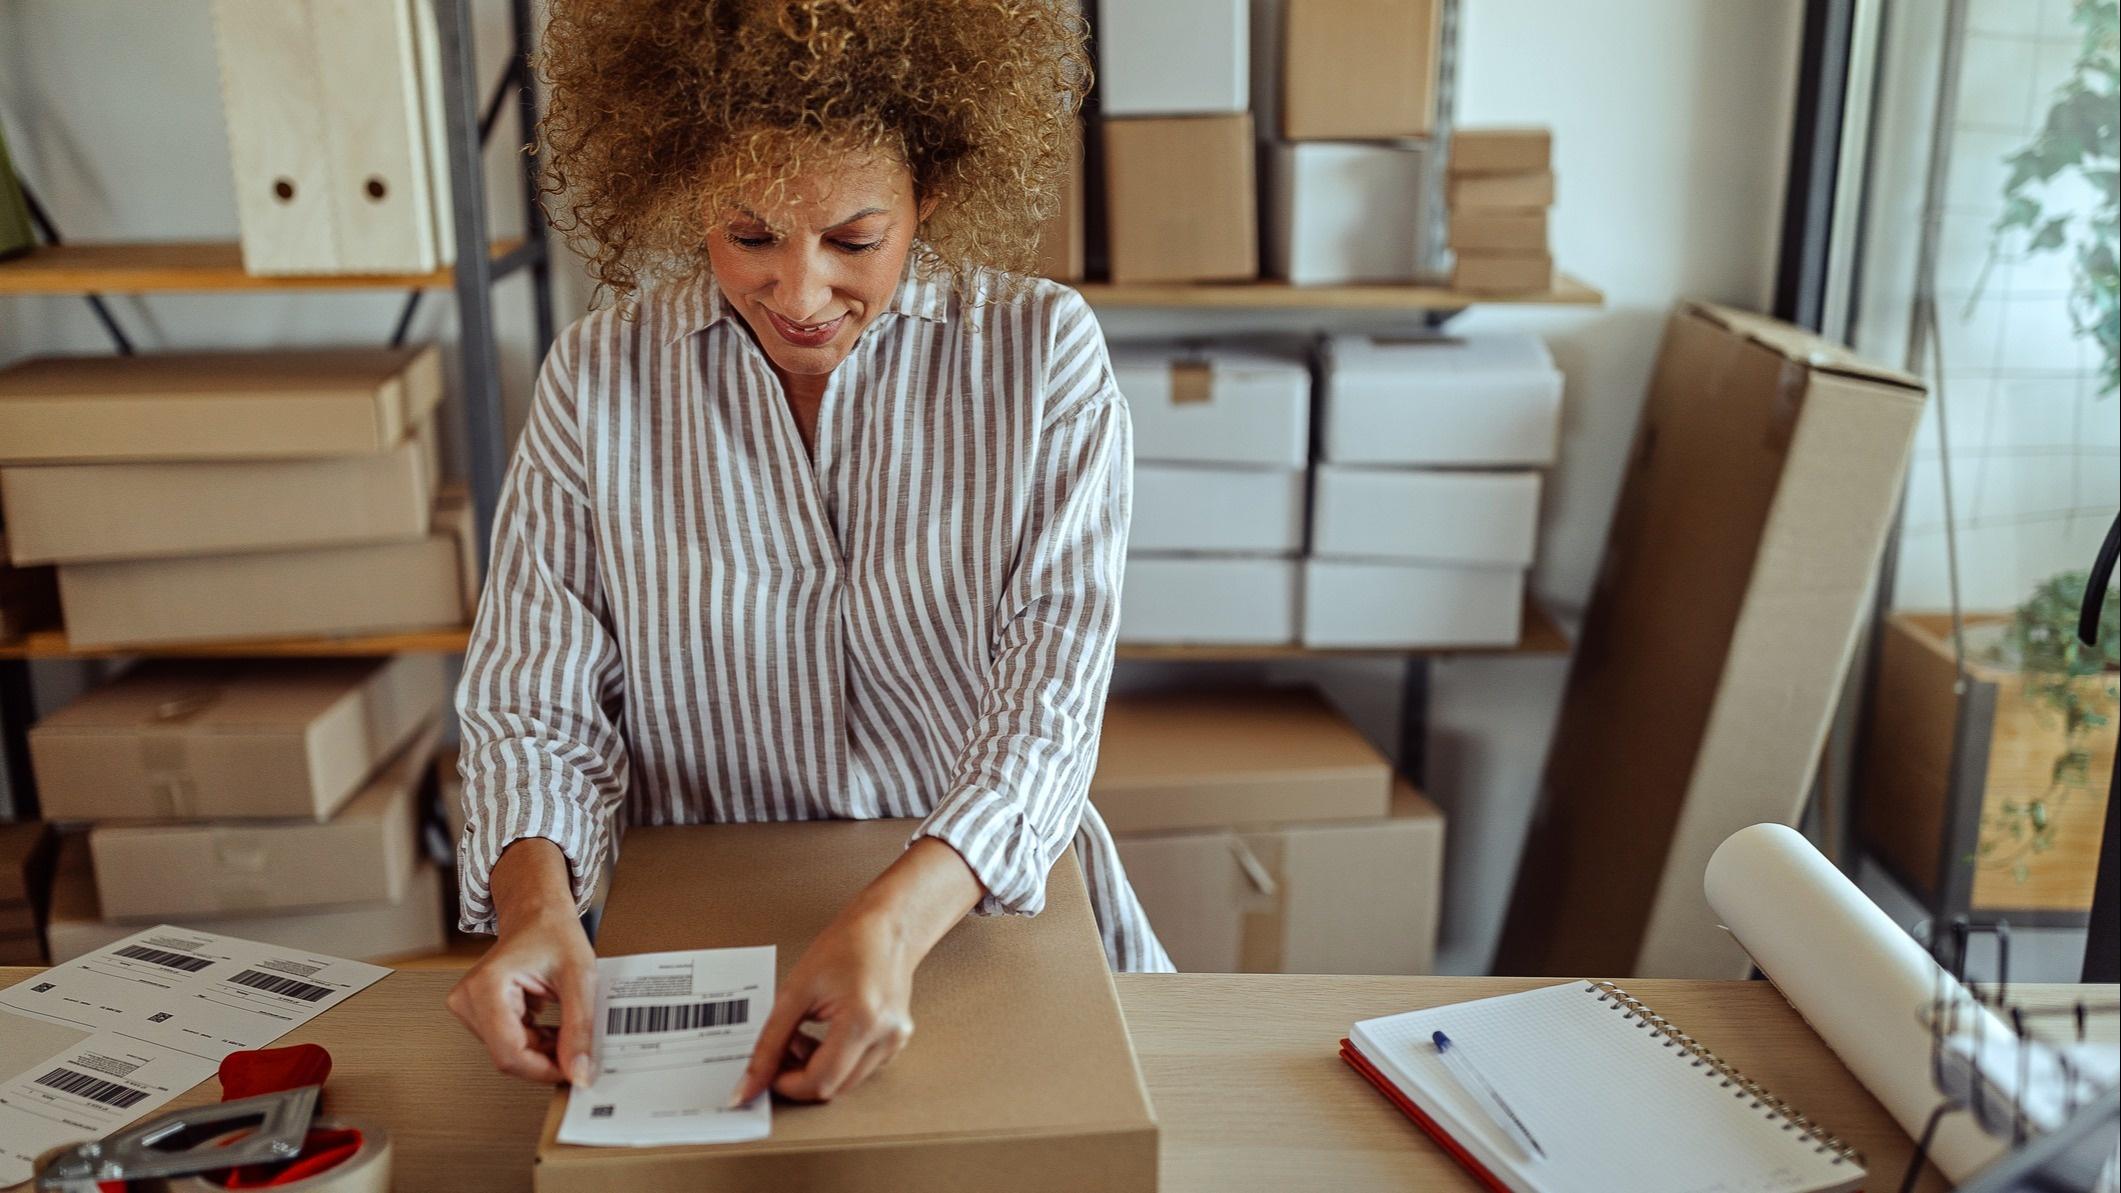 Vendas online: adaptando para delivery a entrega dos seus produtos